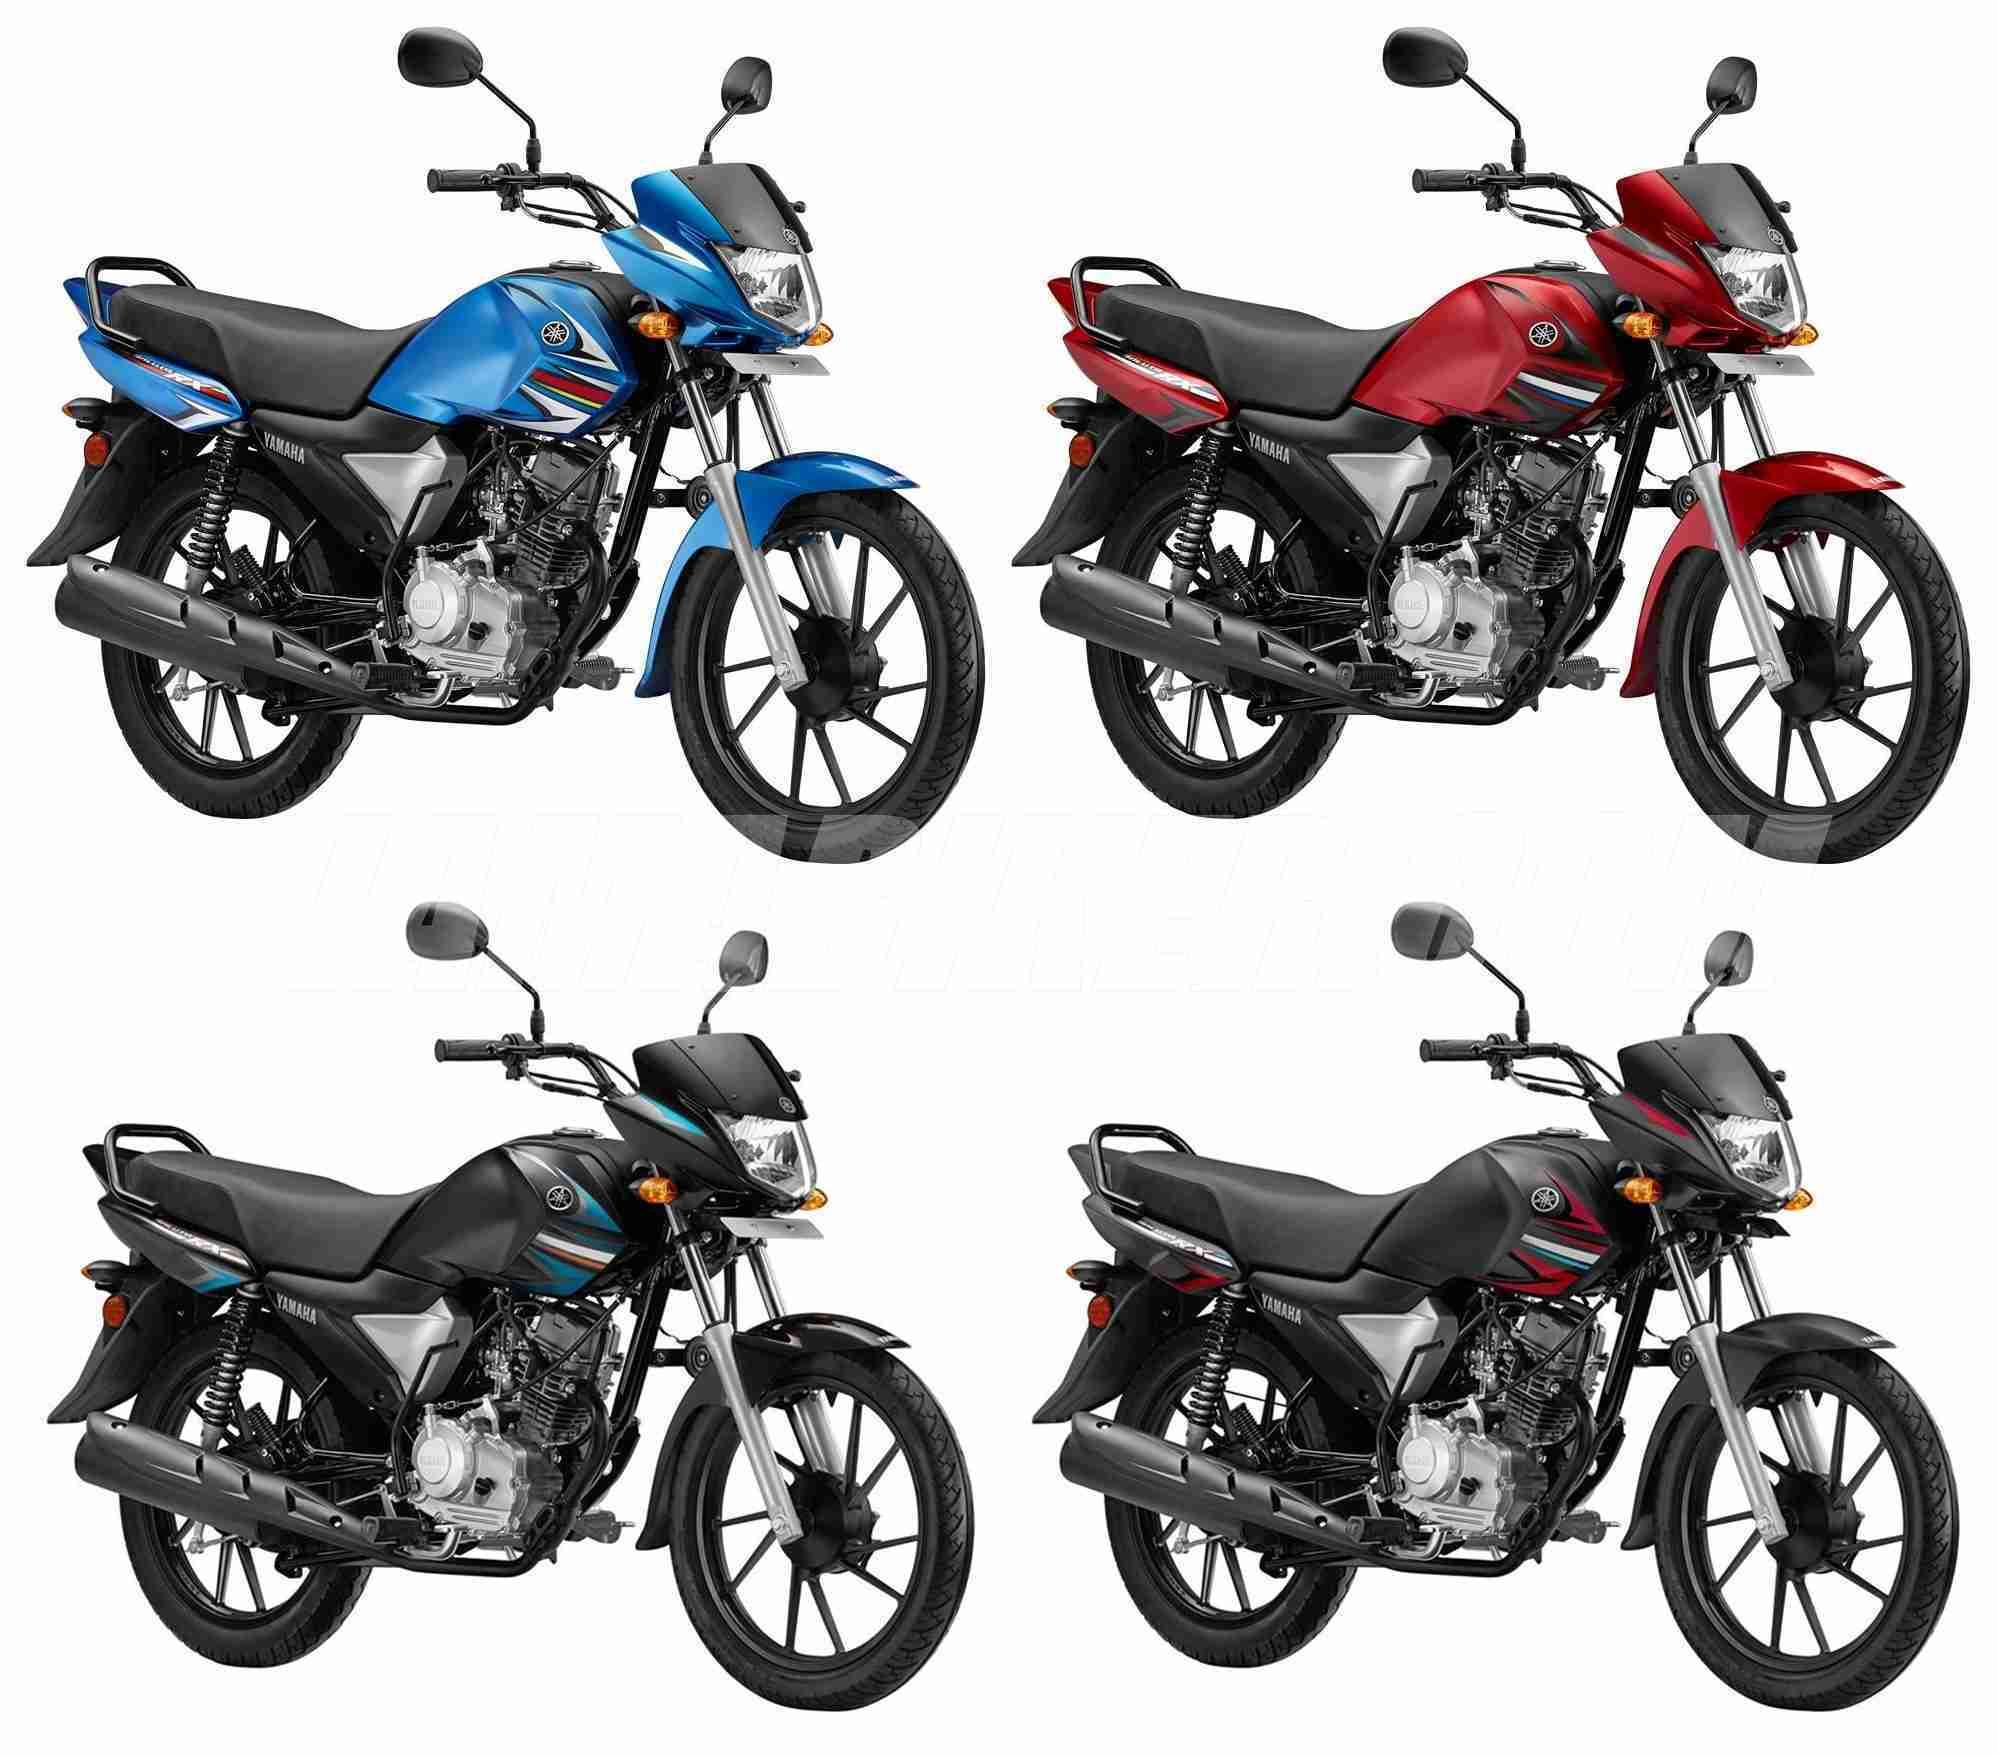 Yamaha Saluto RX colour options